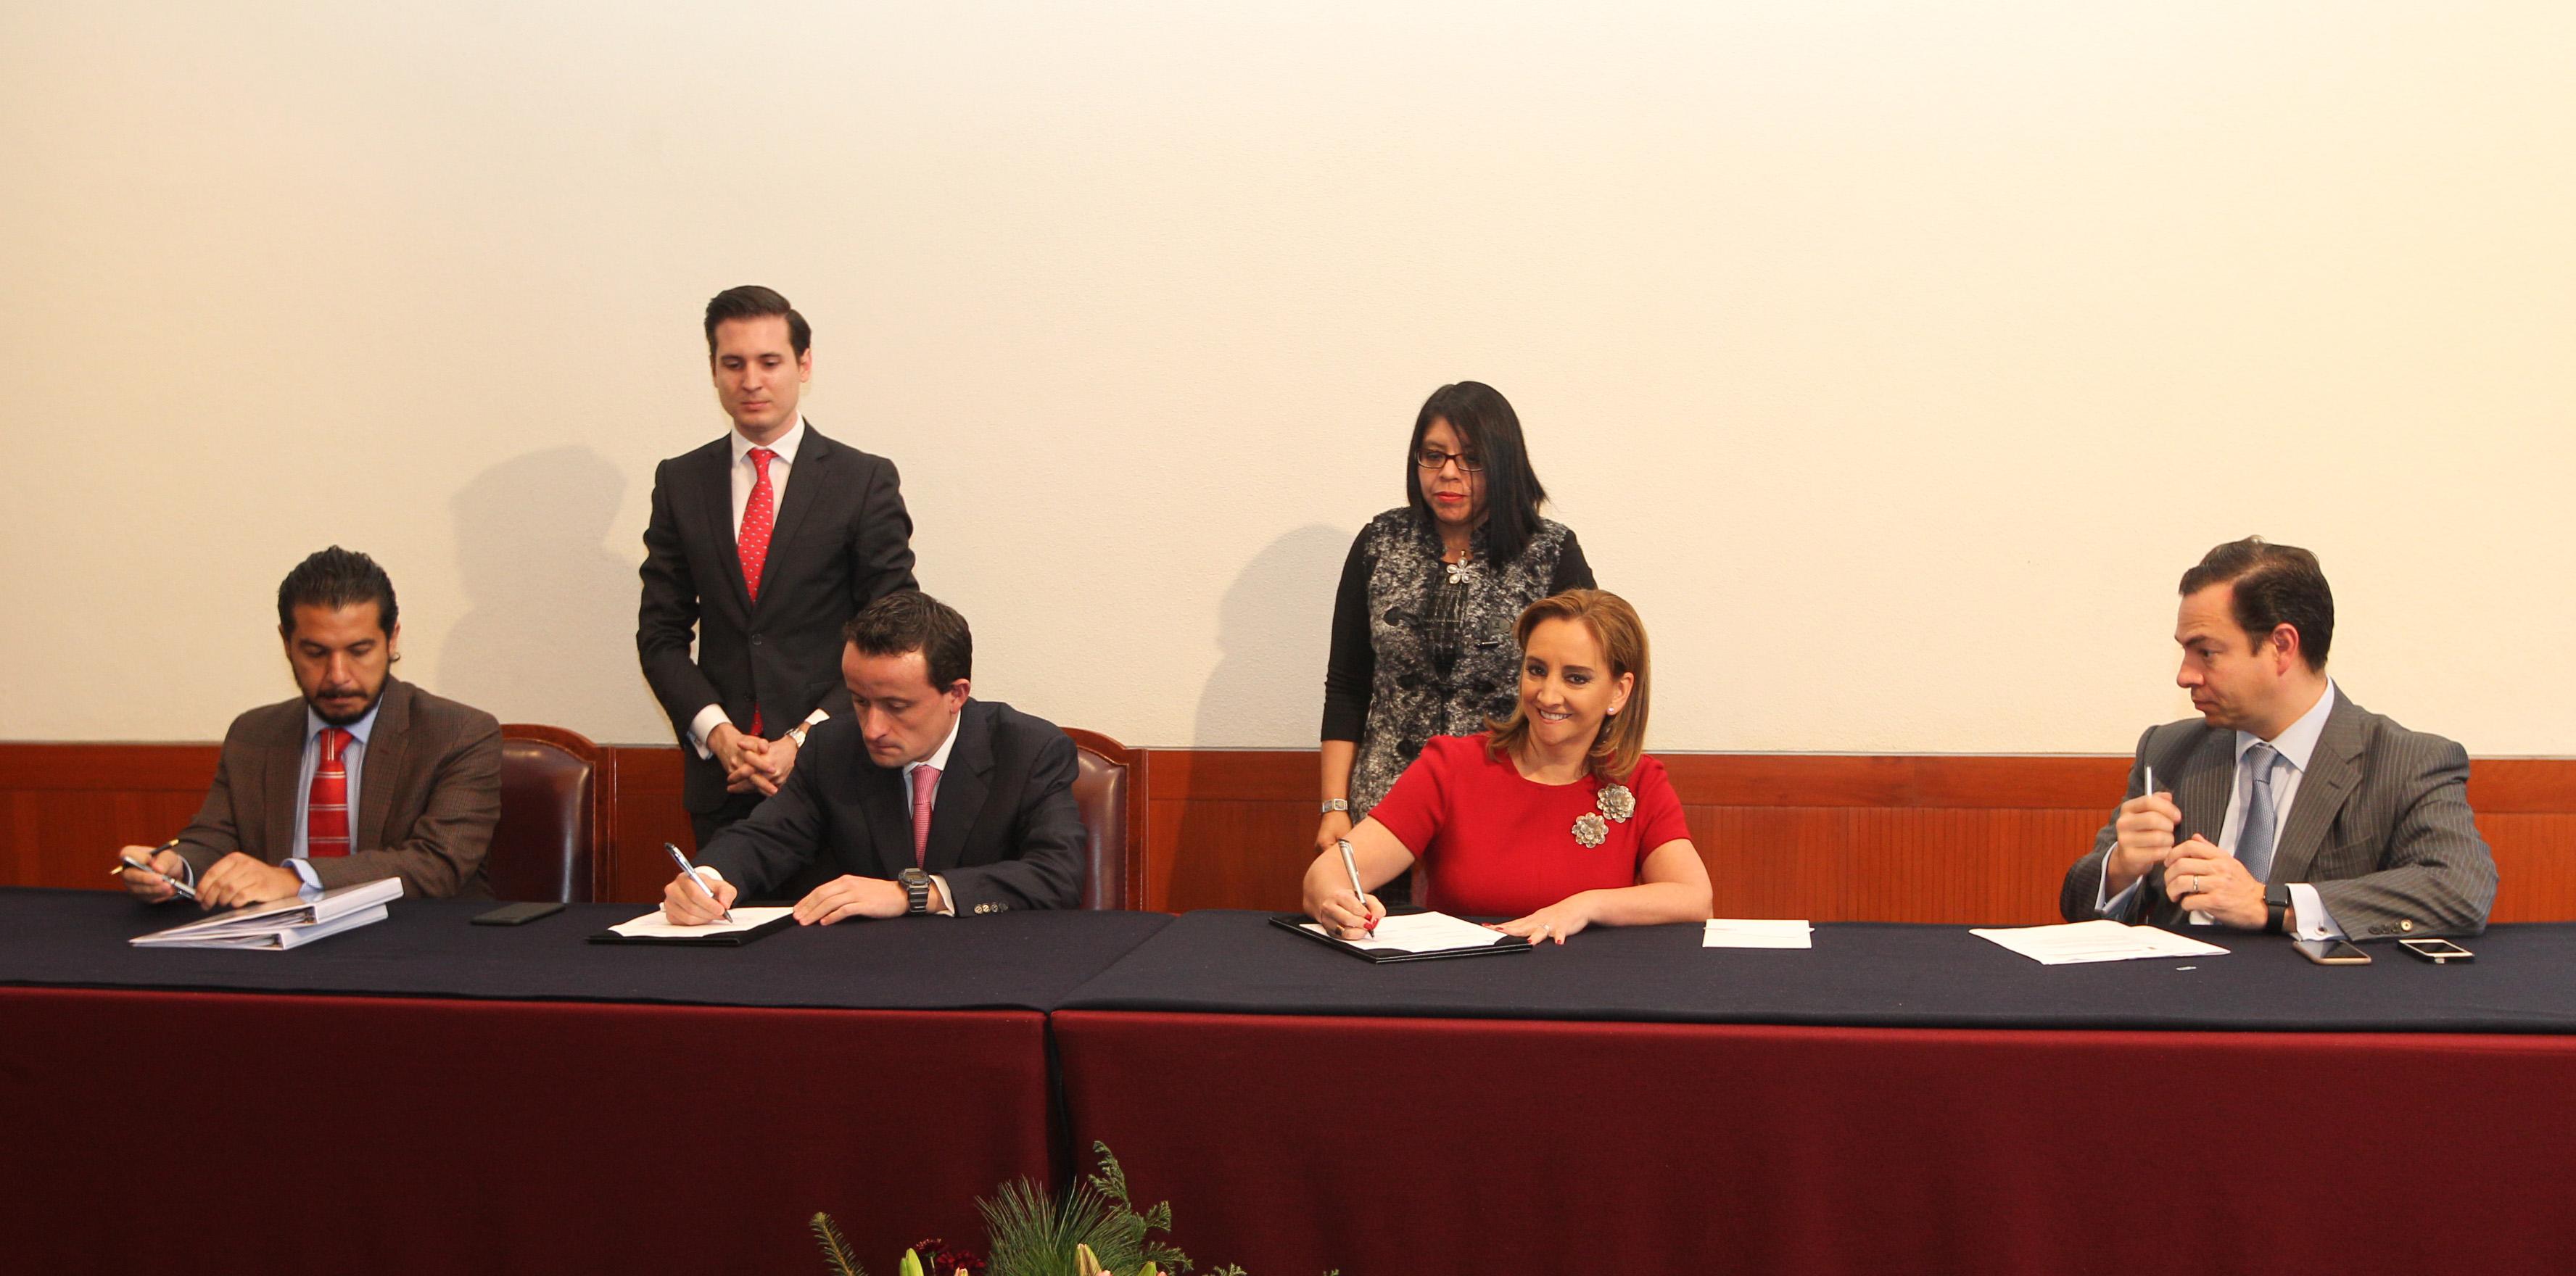 Firman la SRE y el IMSS convenio de colaboración para facilitar trámites y servicios a mexicanos en EUA